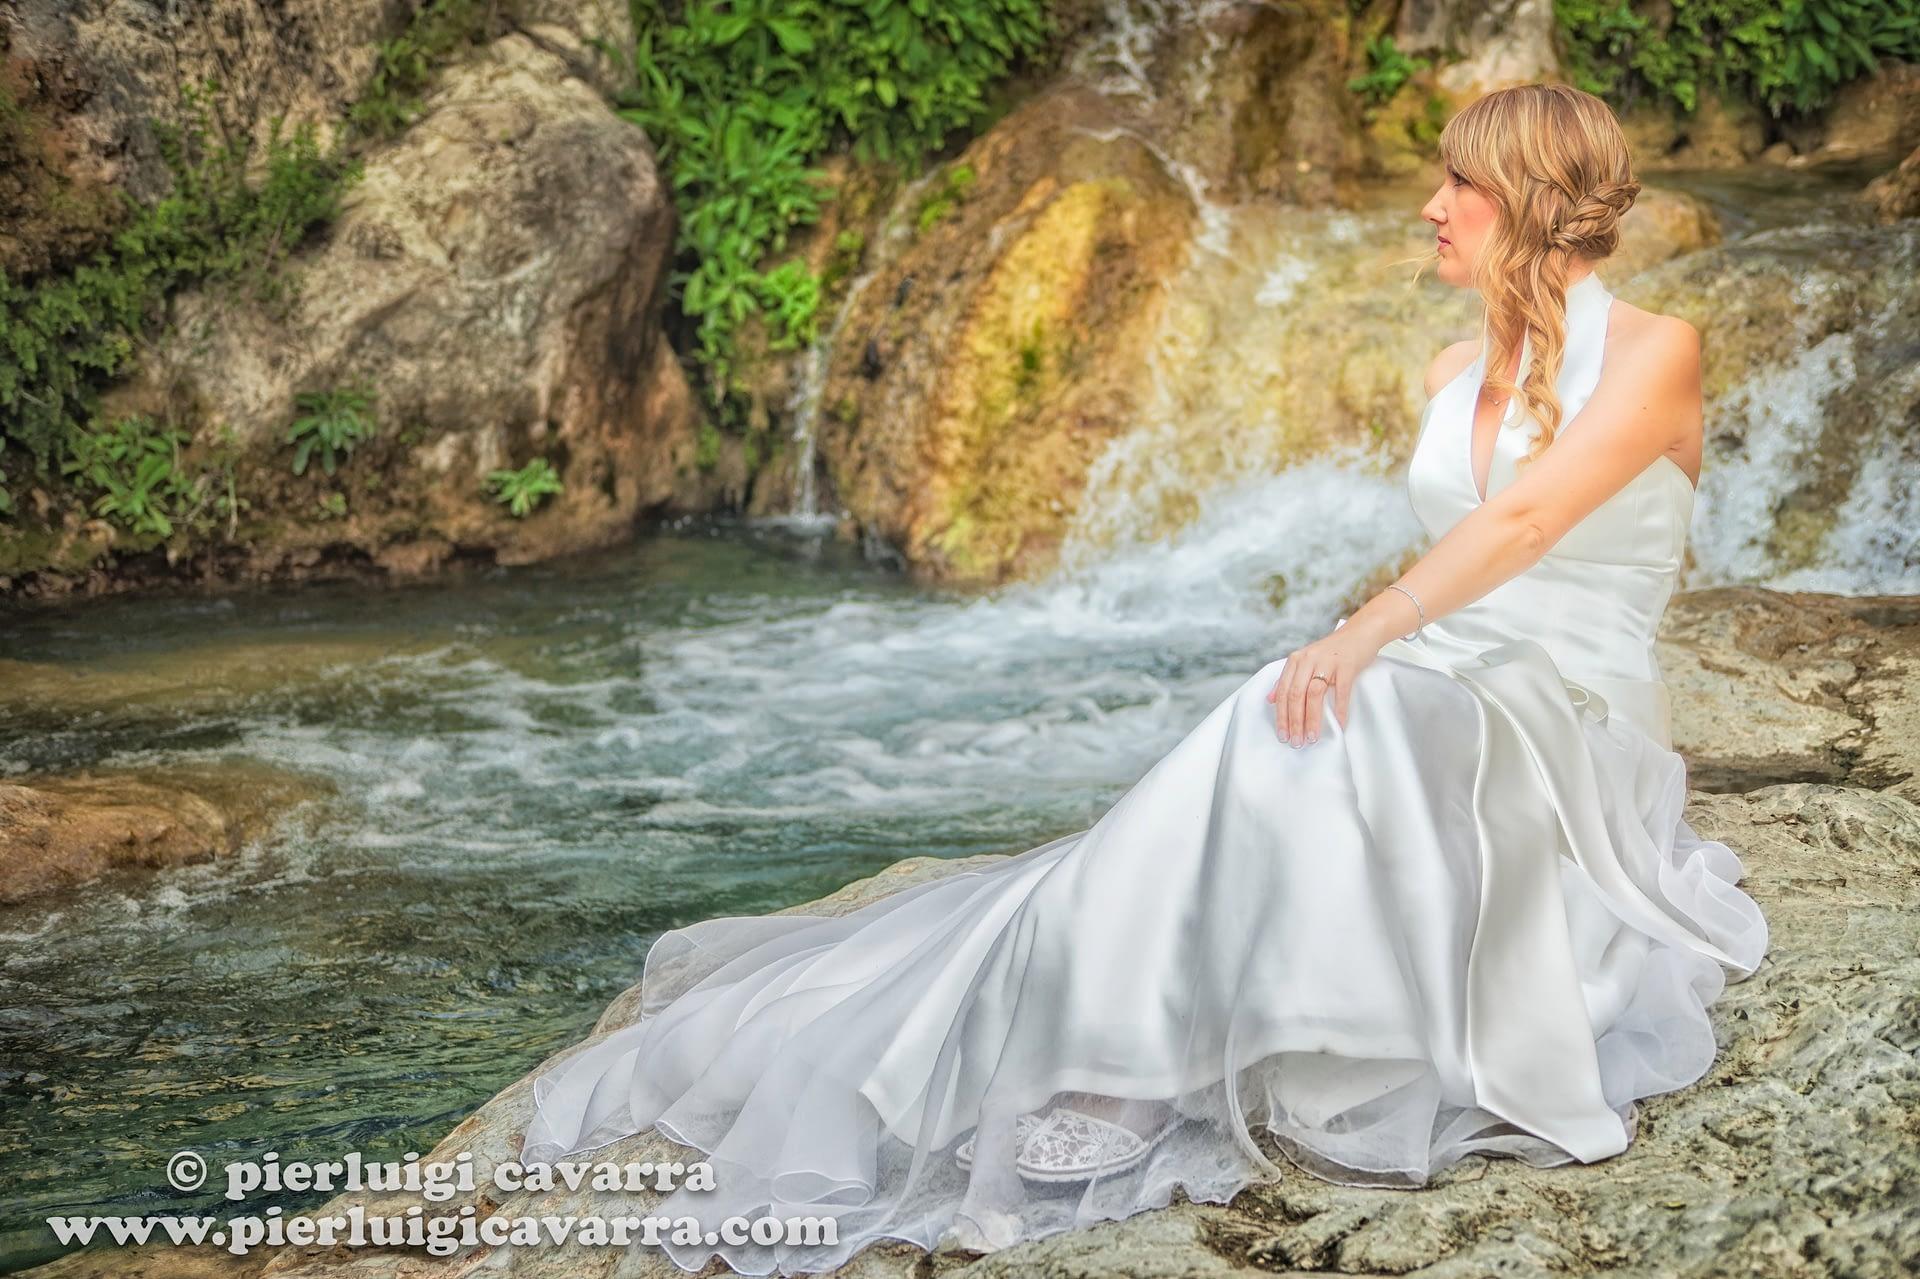 Pierluigi Cavarra - fotografo de bodas y eventos - wedding photographer costa blanca - ejemplo -42